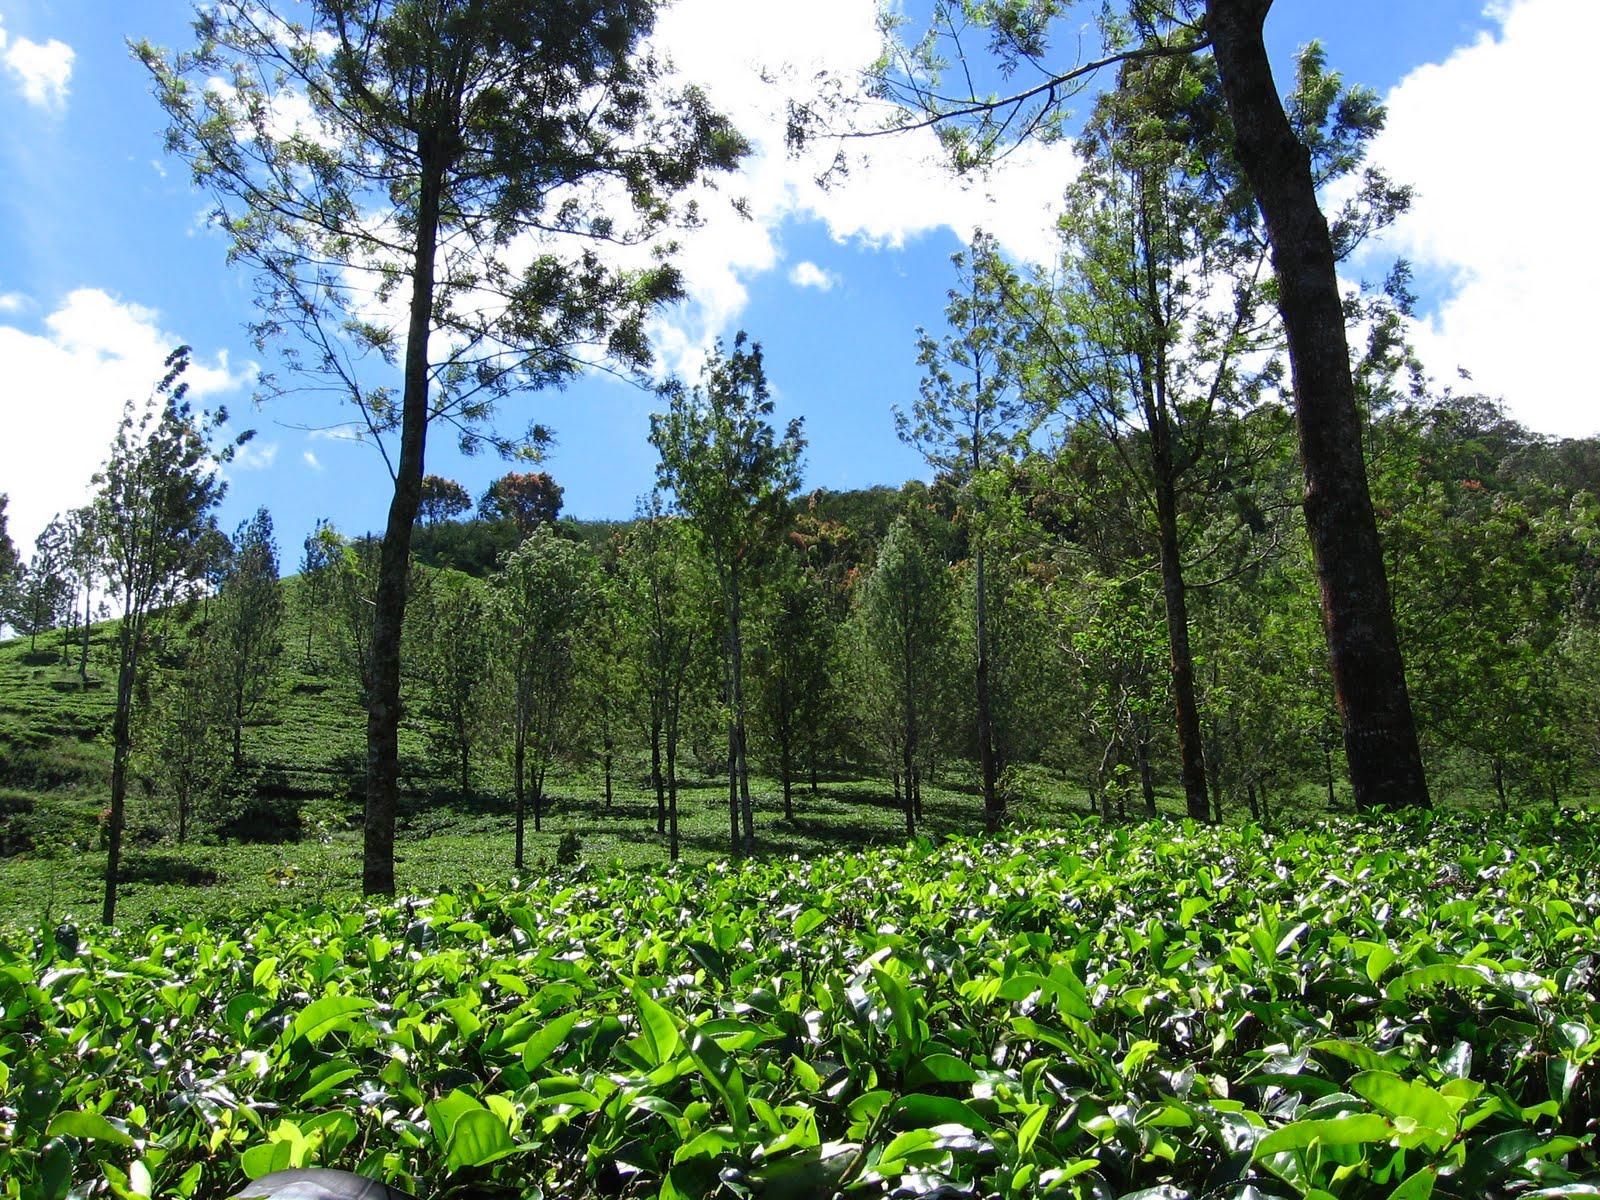 Wisata Alam Bogor Limakaki 8 Rekomendasi Agro Gunung Mas Kab